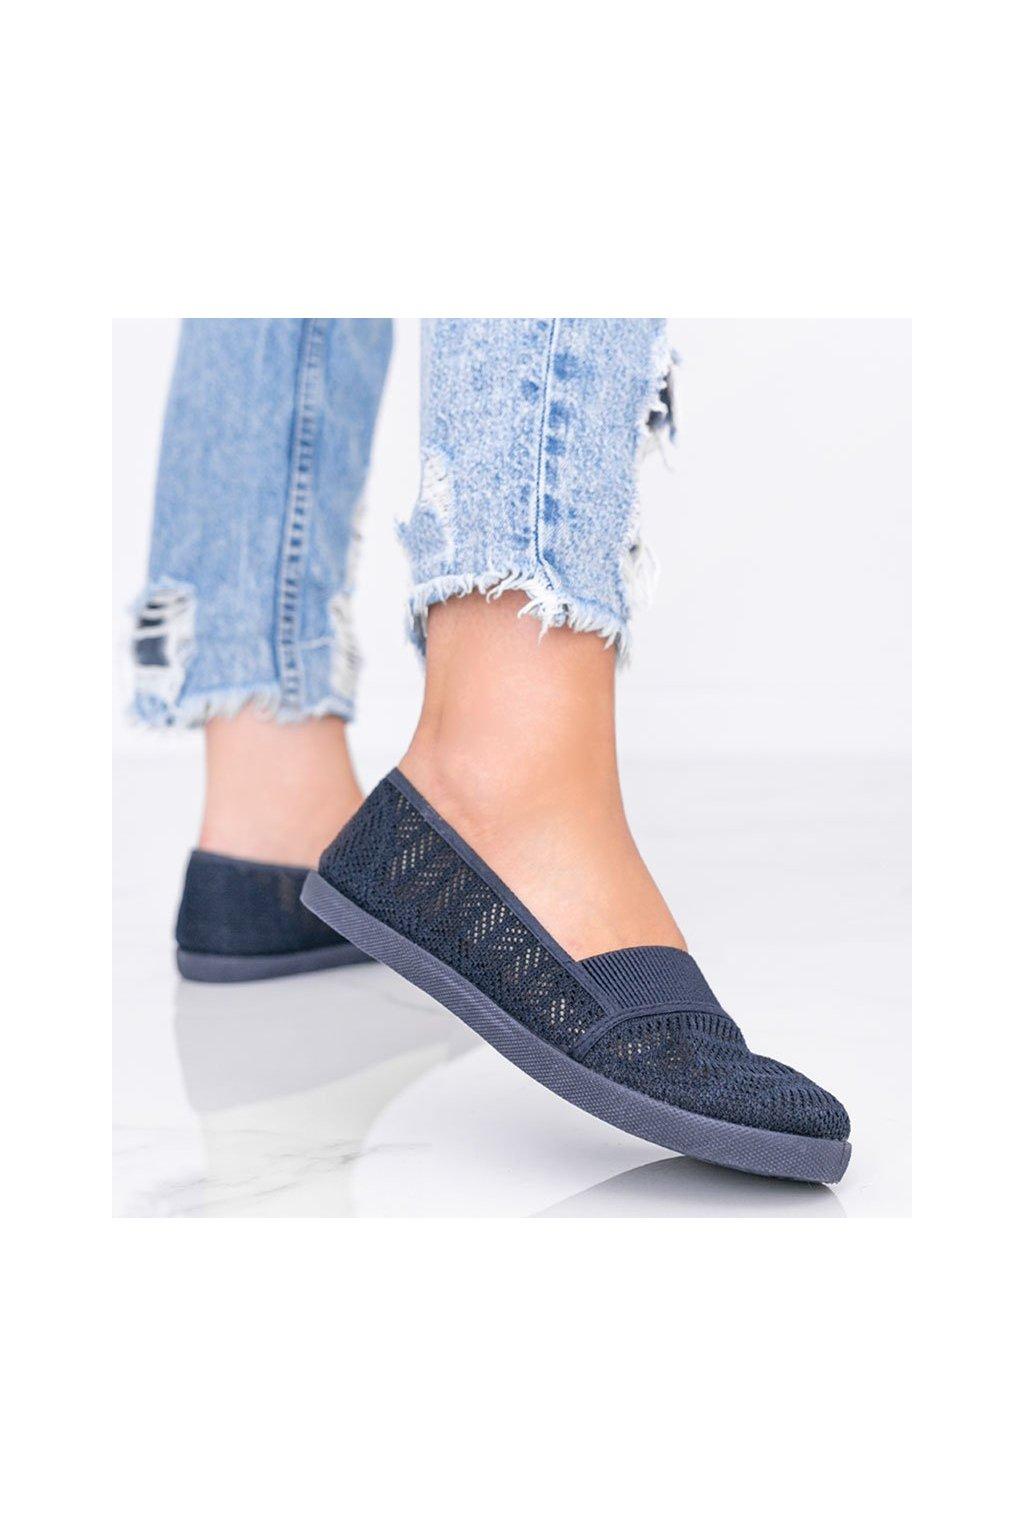 Dámske topánky tenisky modré kód MN28-2 - GM